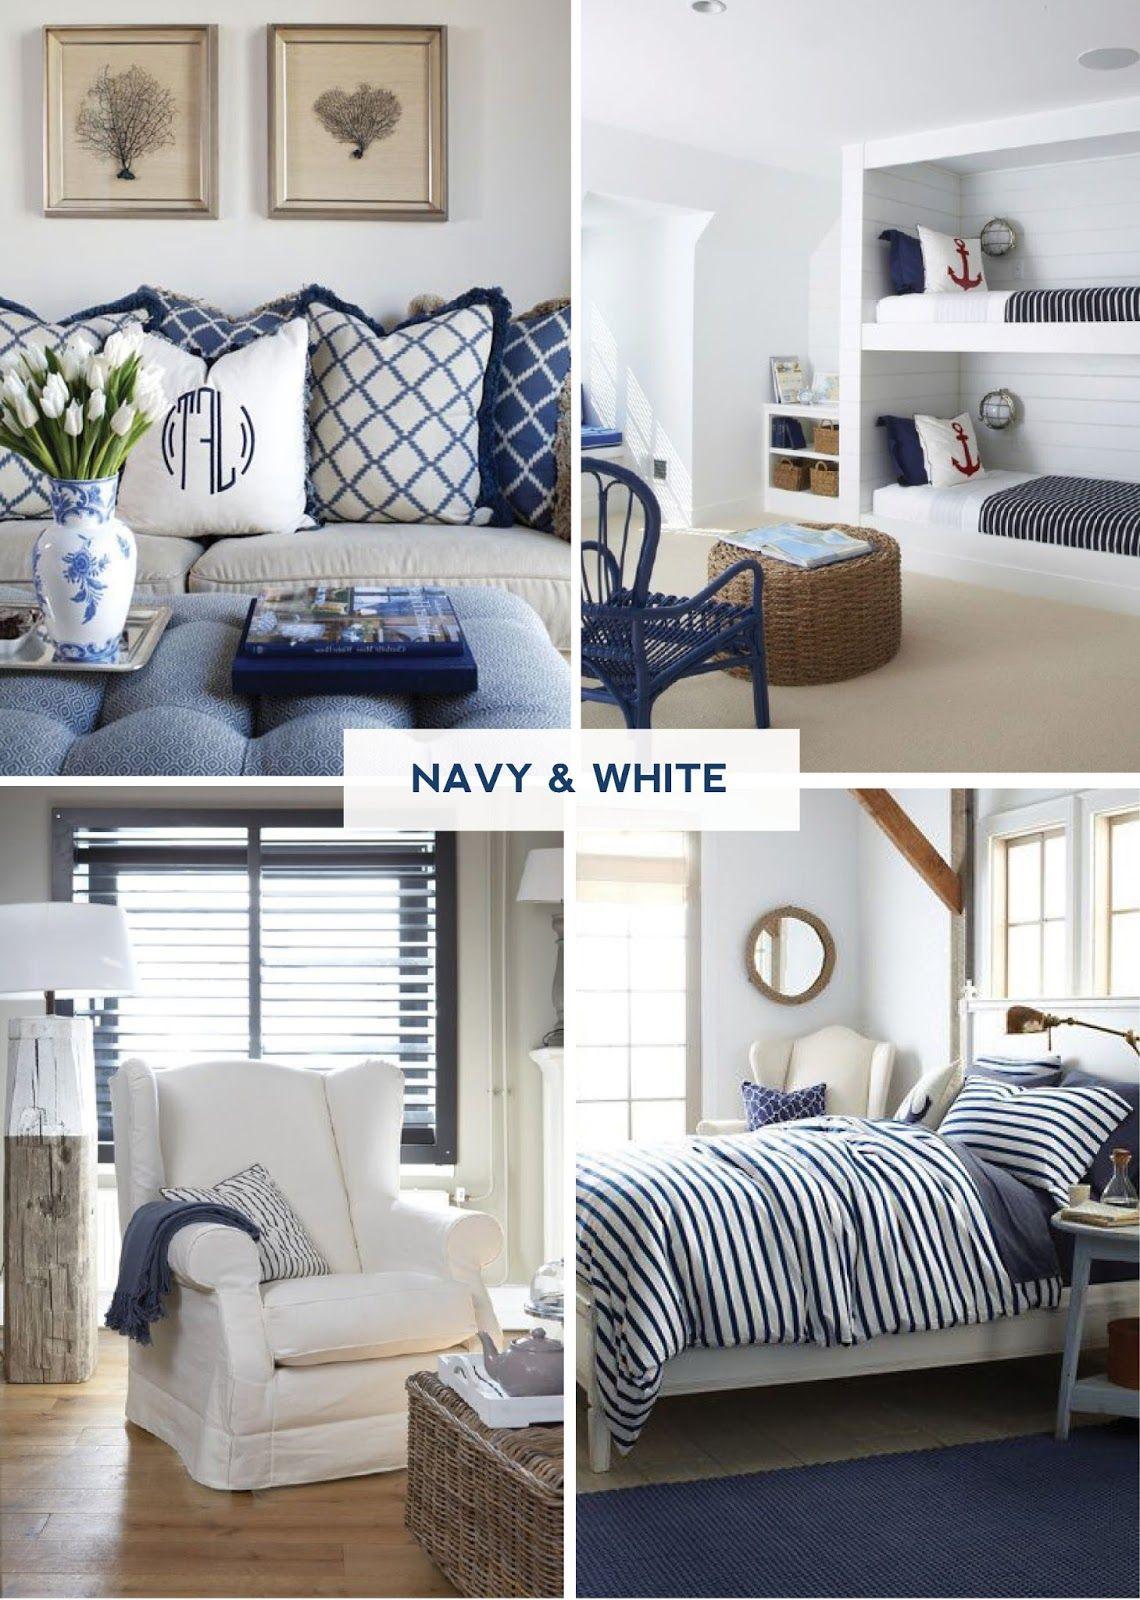 Coastal Style Stylish In Navy & White